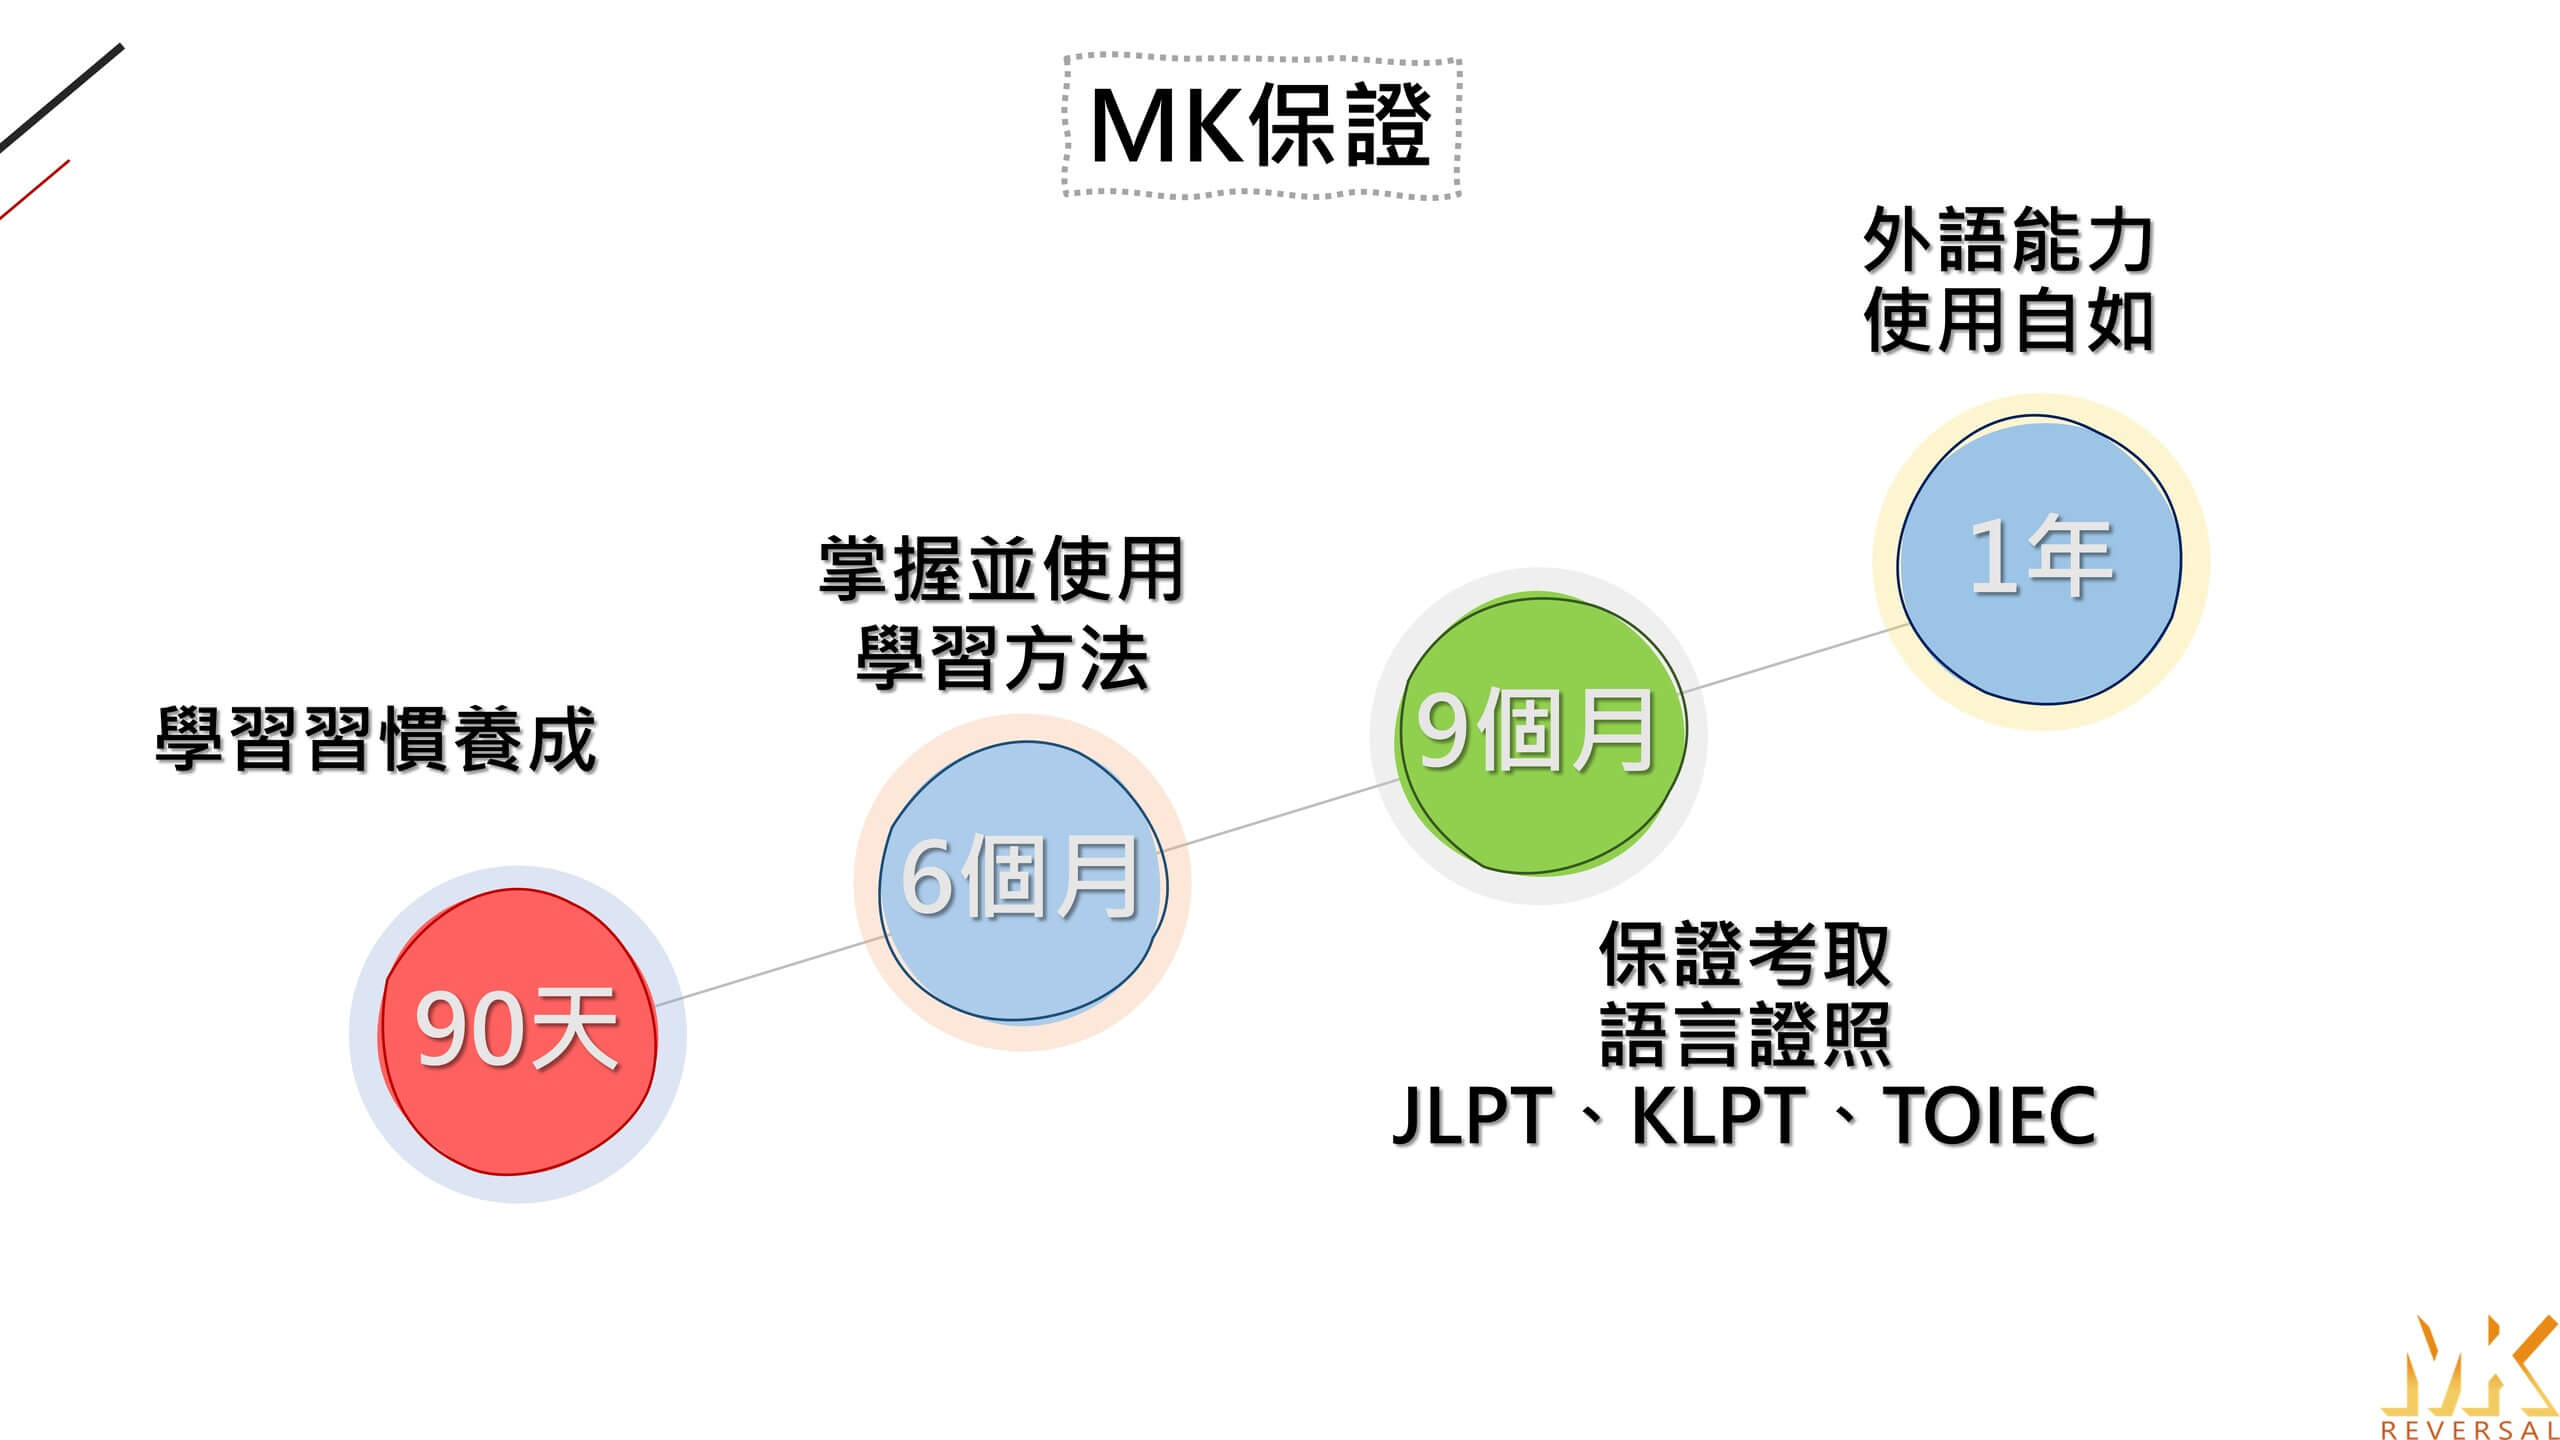 MK反轉外語保證目標